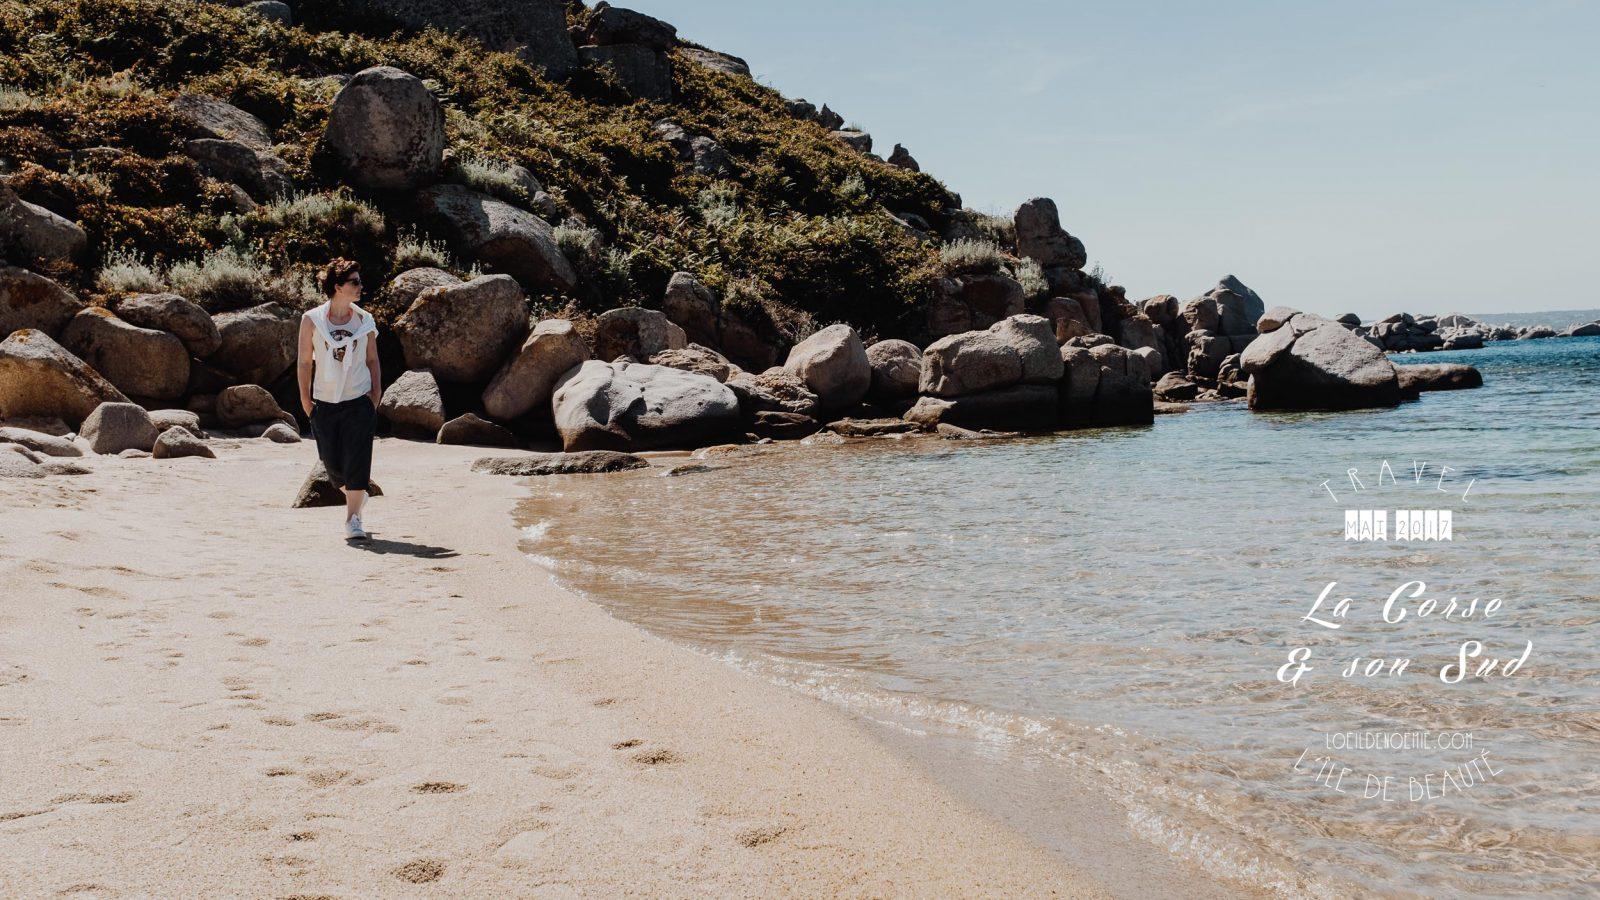 Îles Lavezzi, belle photo des îles Lavezzi, mer turquoise. L'oeil de Noémie, photographe et blogueuse voyage.